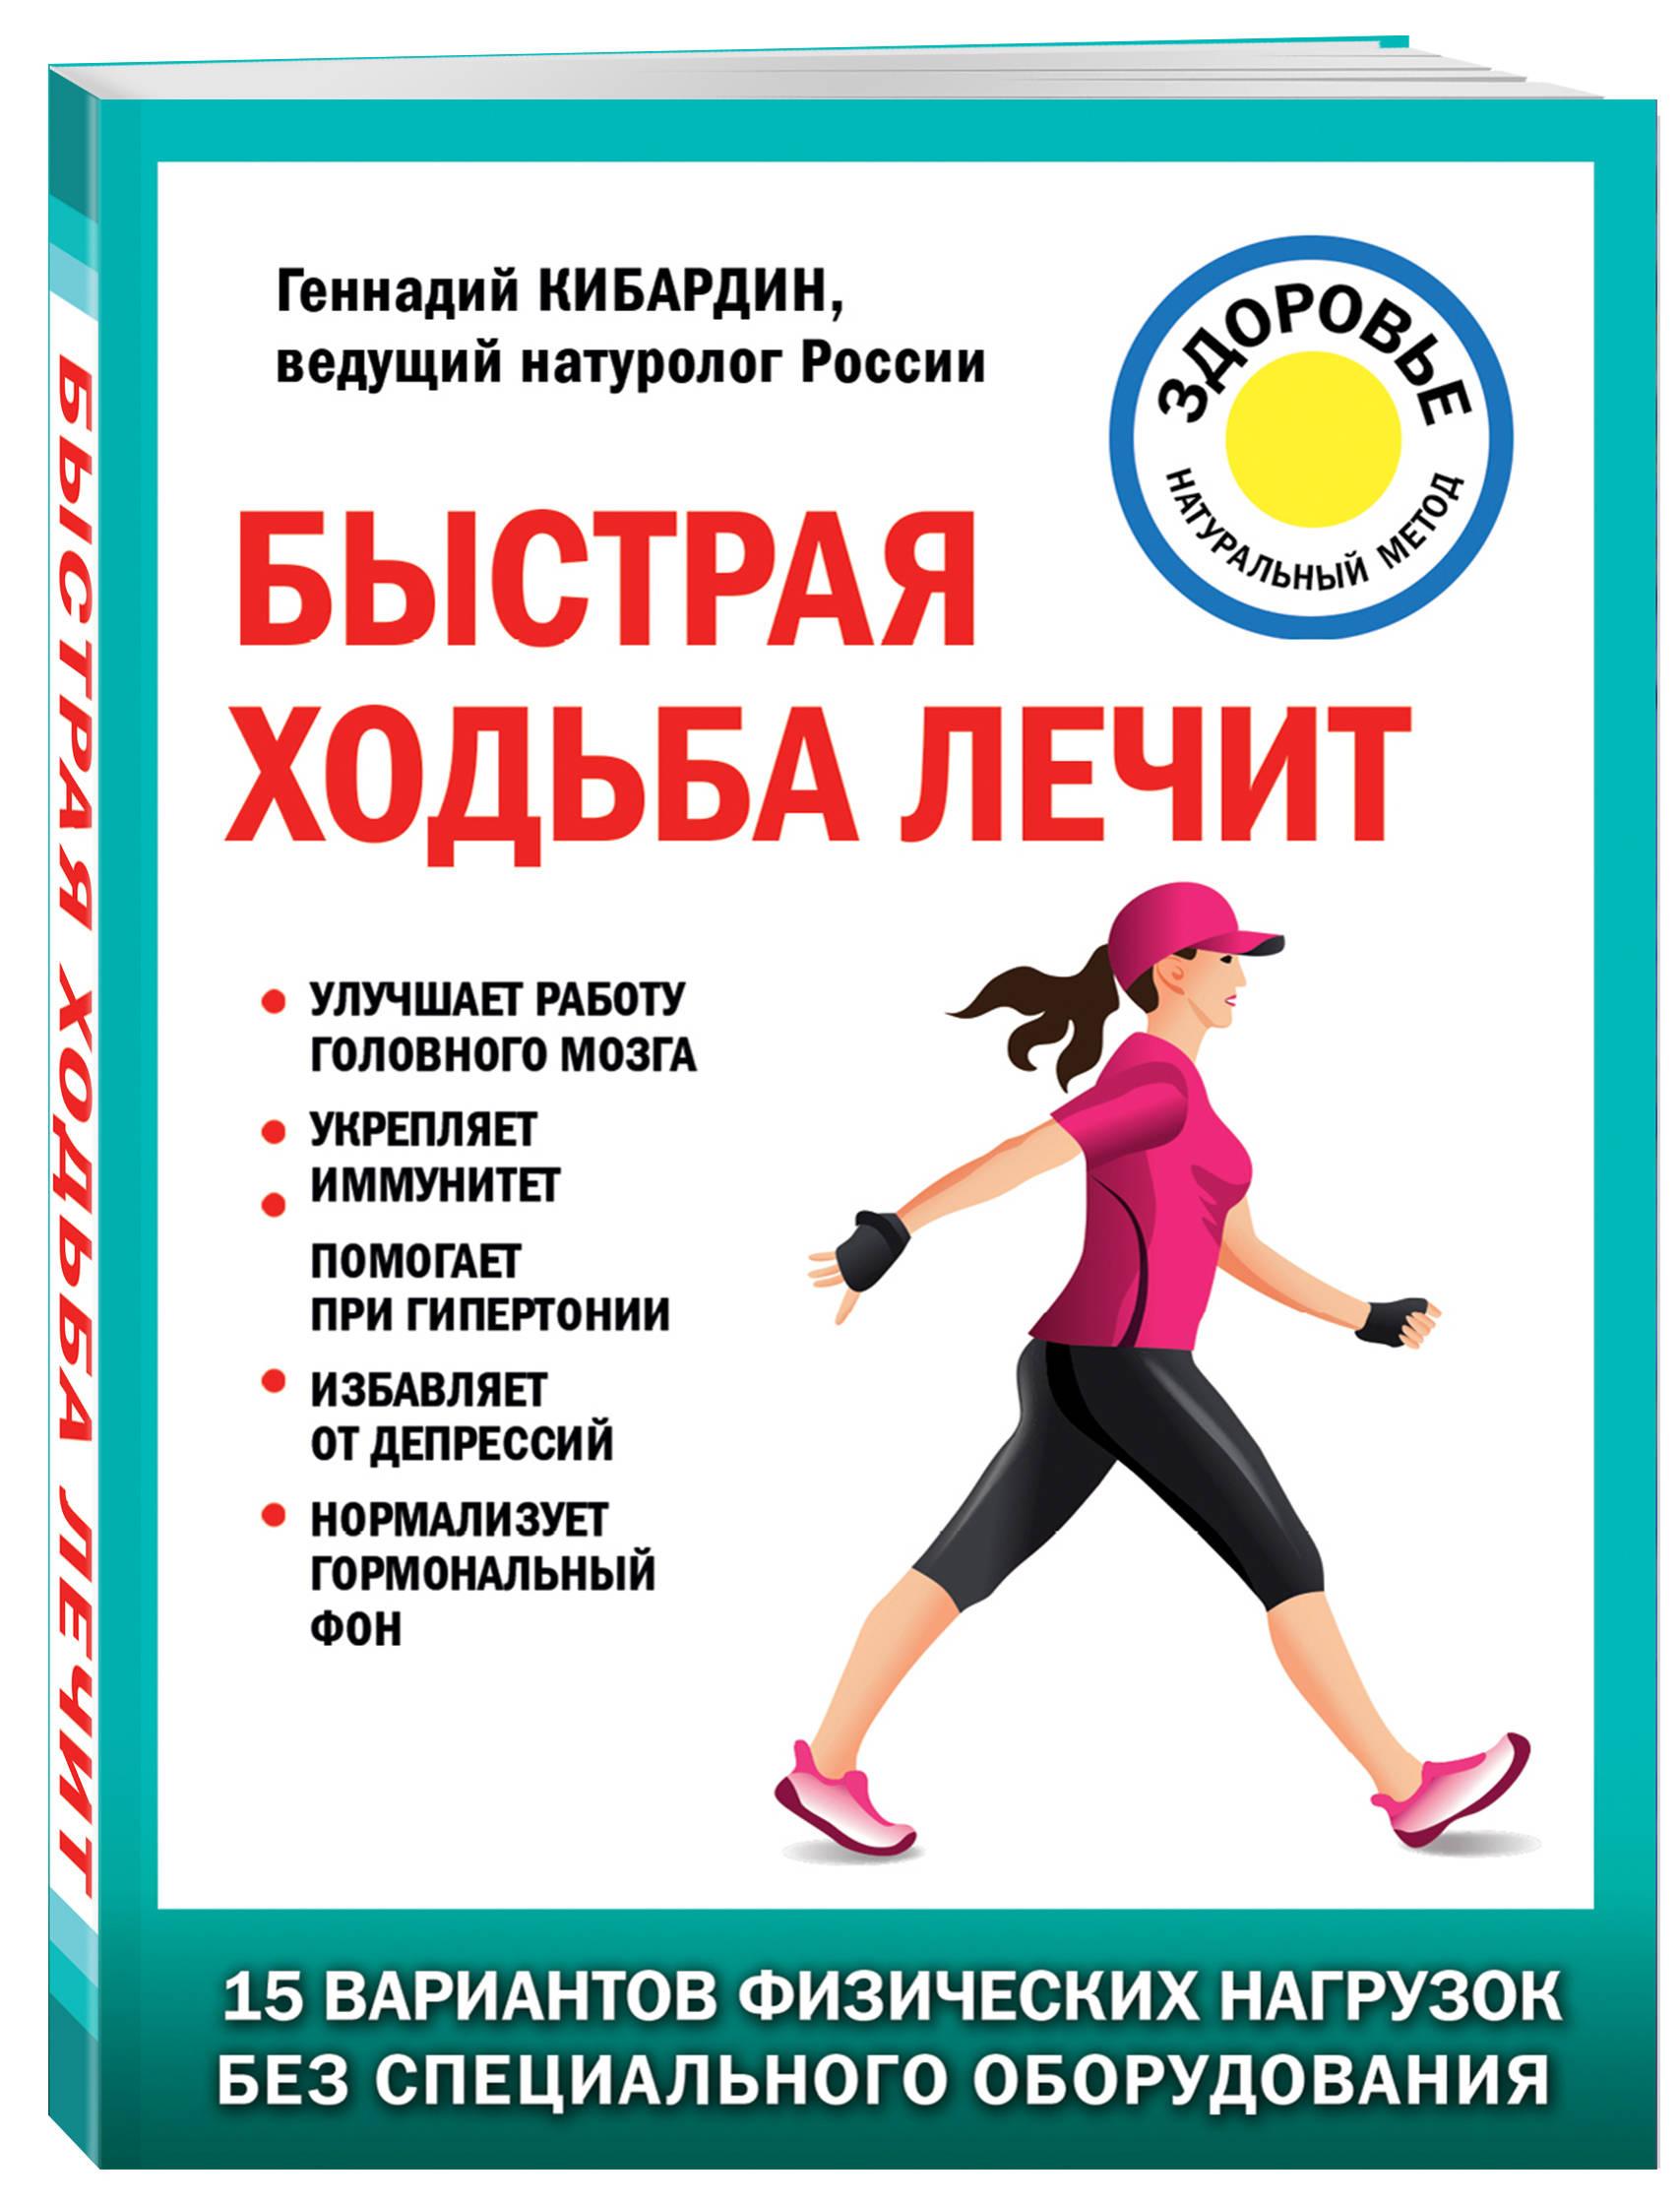 Быстрая ходьба лечит ( Кибардин Геннадий Михайлович  )